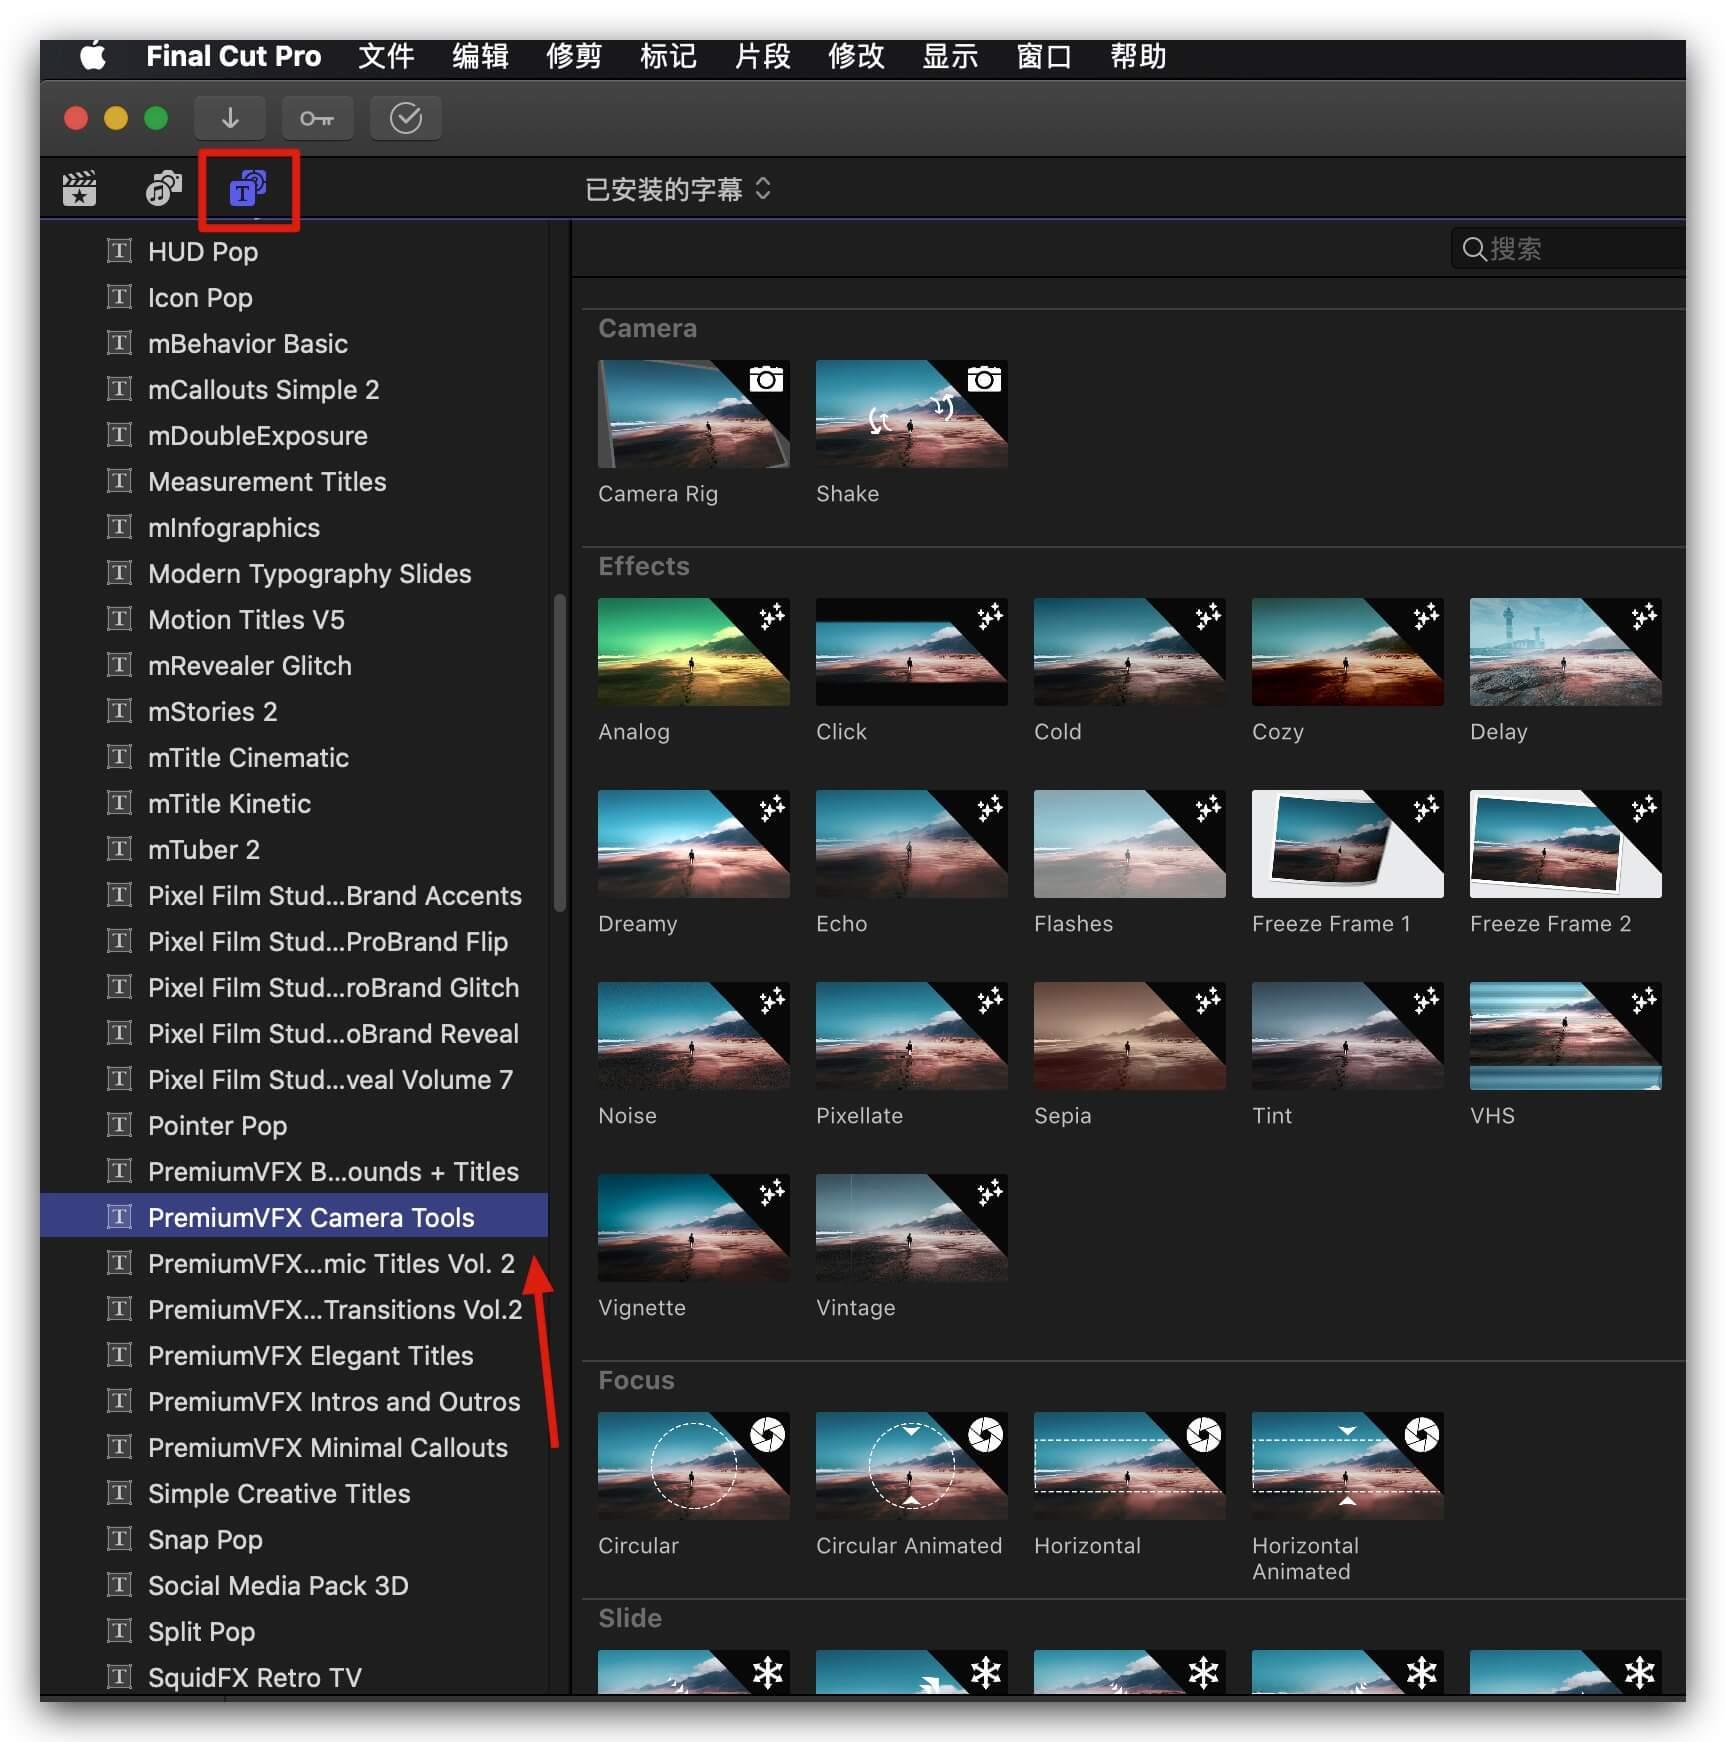 fcpx插件 模拟相机对焦晃动摇移数码屏显色温等效果 支持M1 Camera Tools